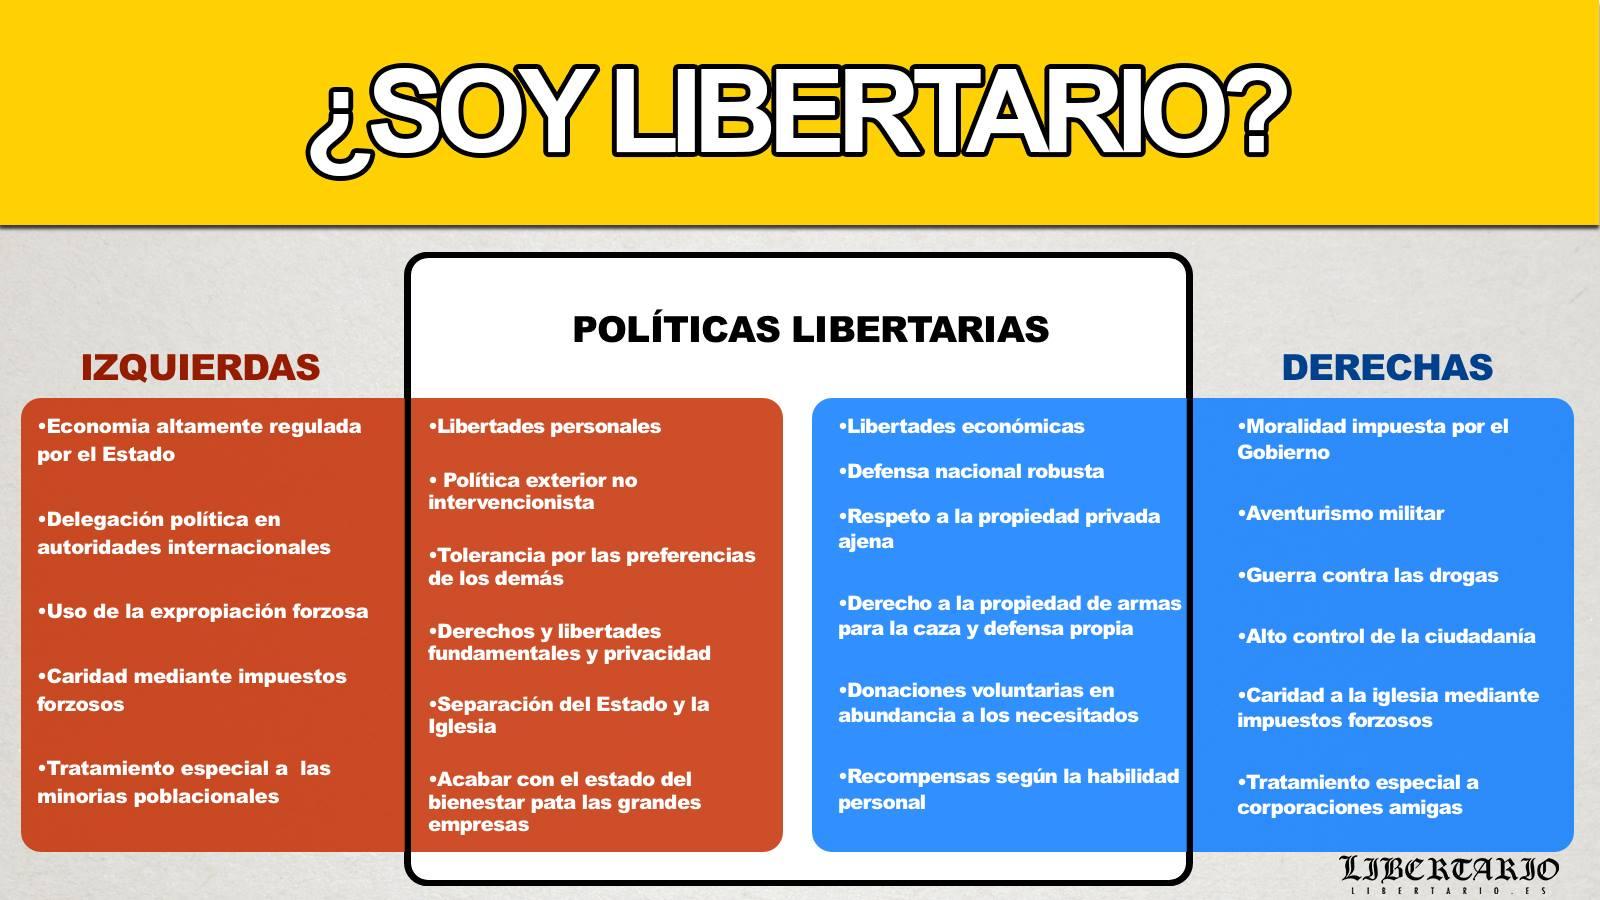 libertarios.jpg